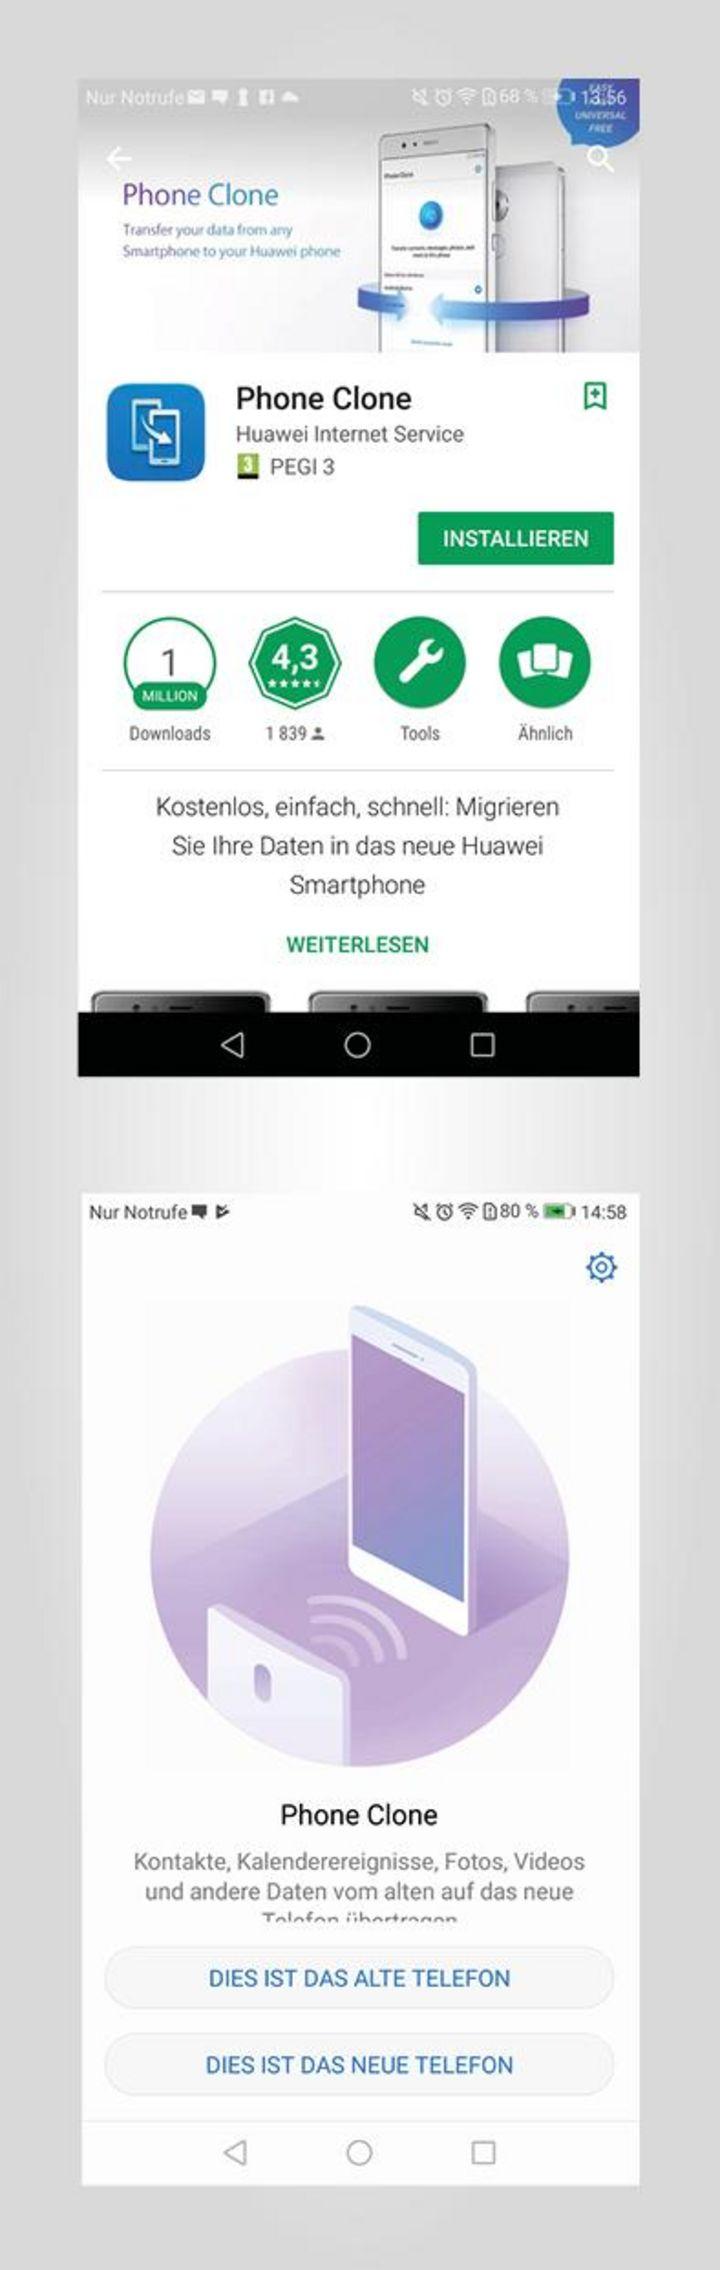 Alle Daten auf das Huawei Mate10 Pro übertragen – mit der App Phone Clone.